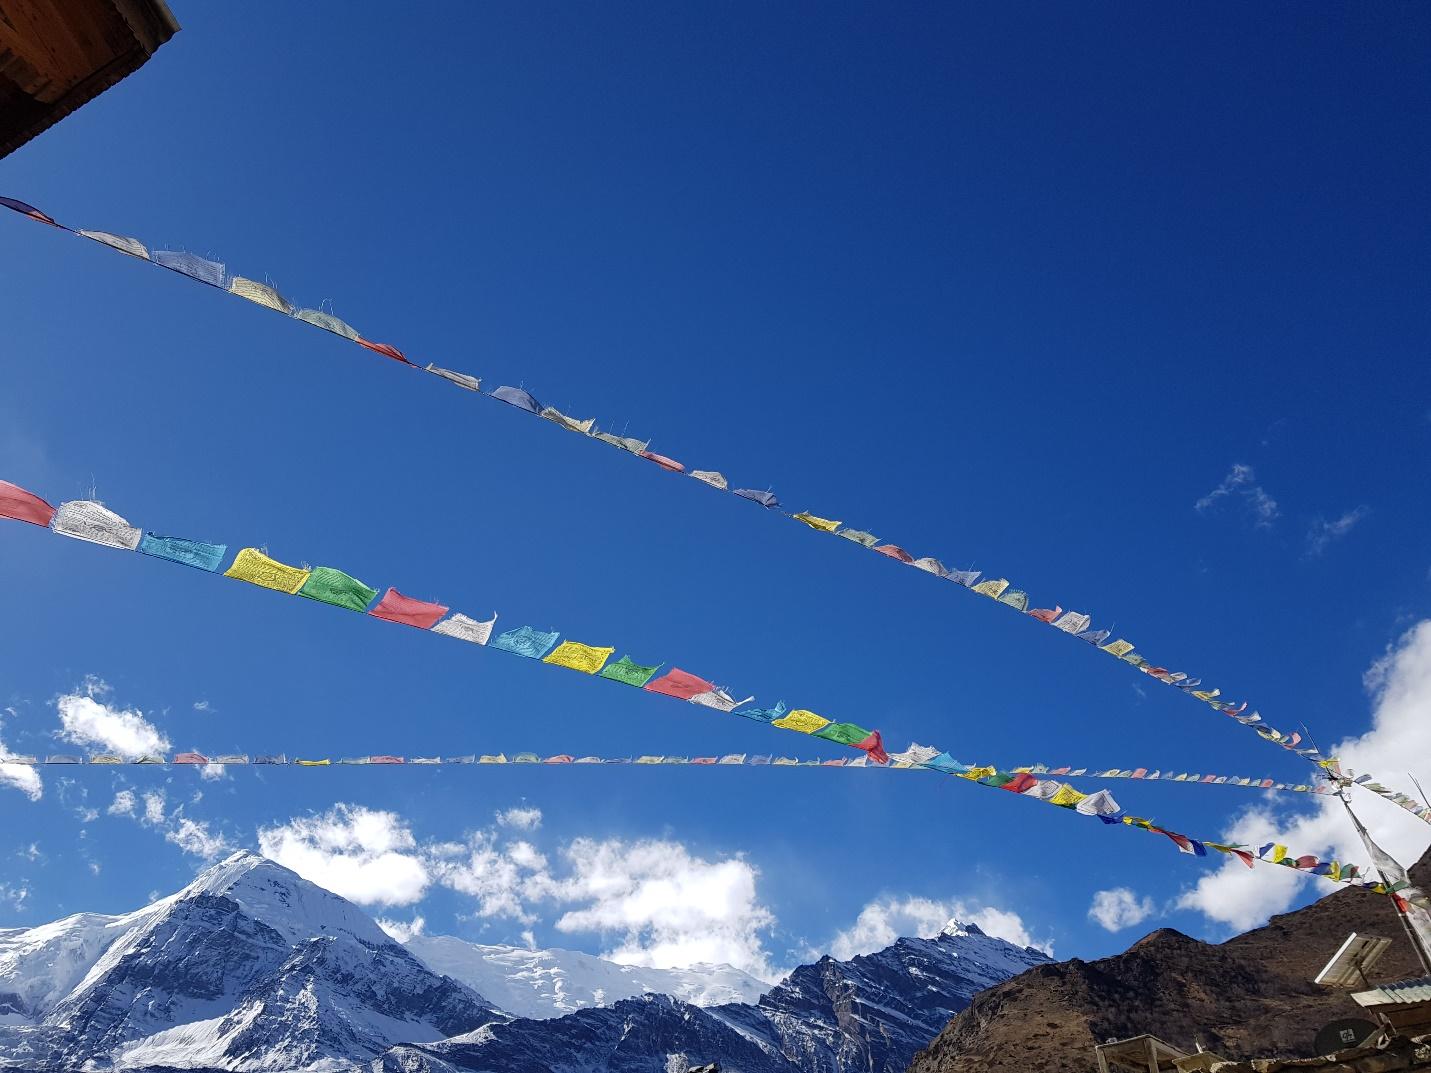 Tới Nepal, gửi lời nguyện cầu theo những lá cờ Lungta bay phấp phới - 1